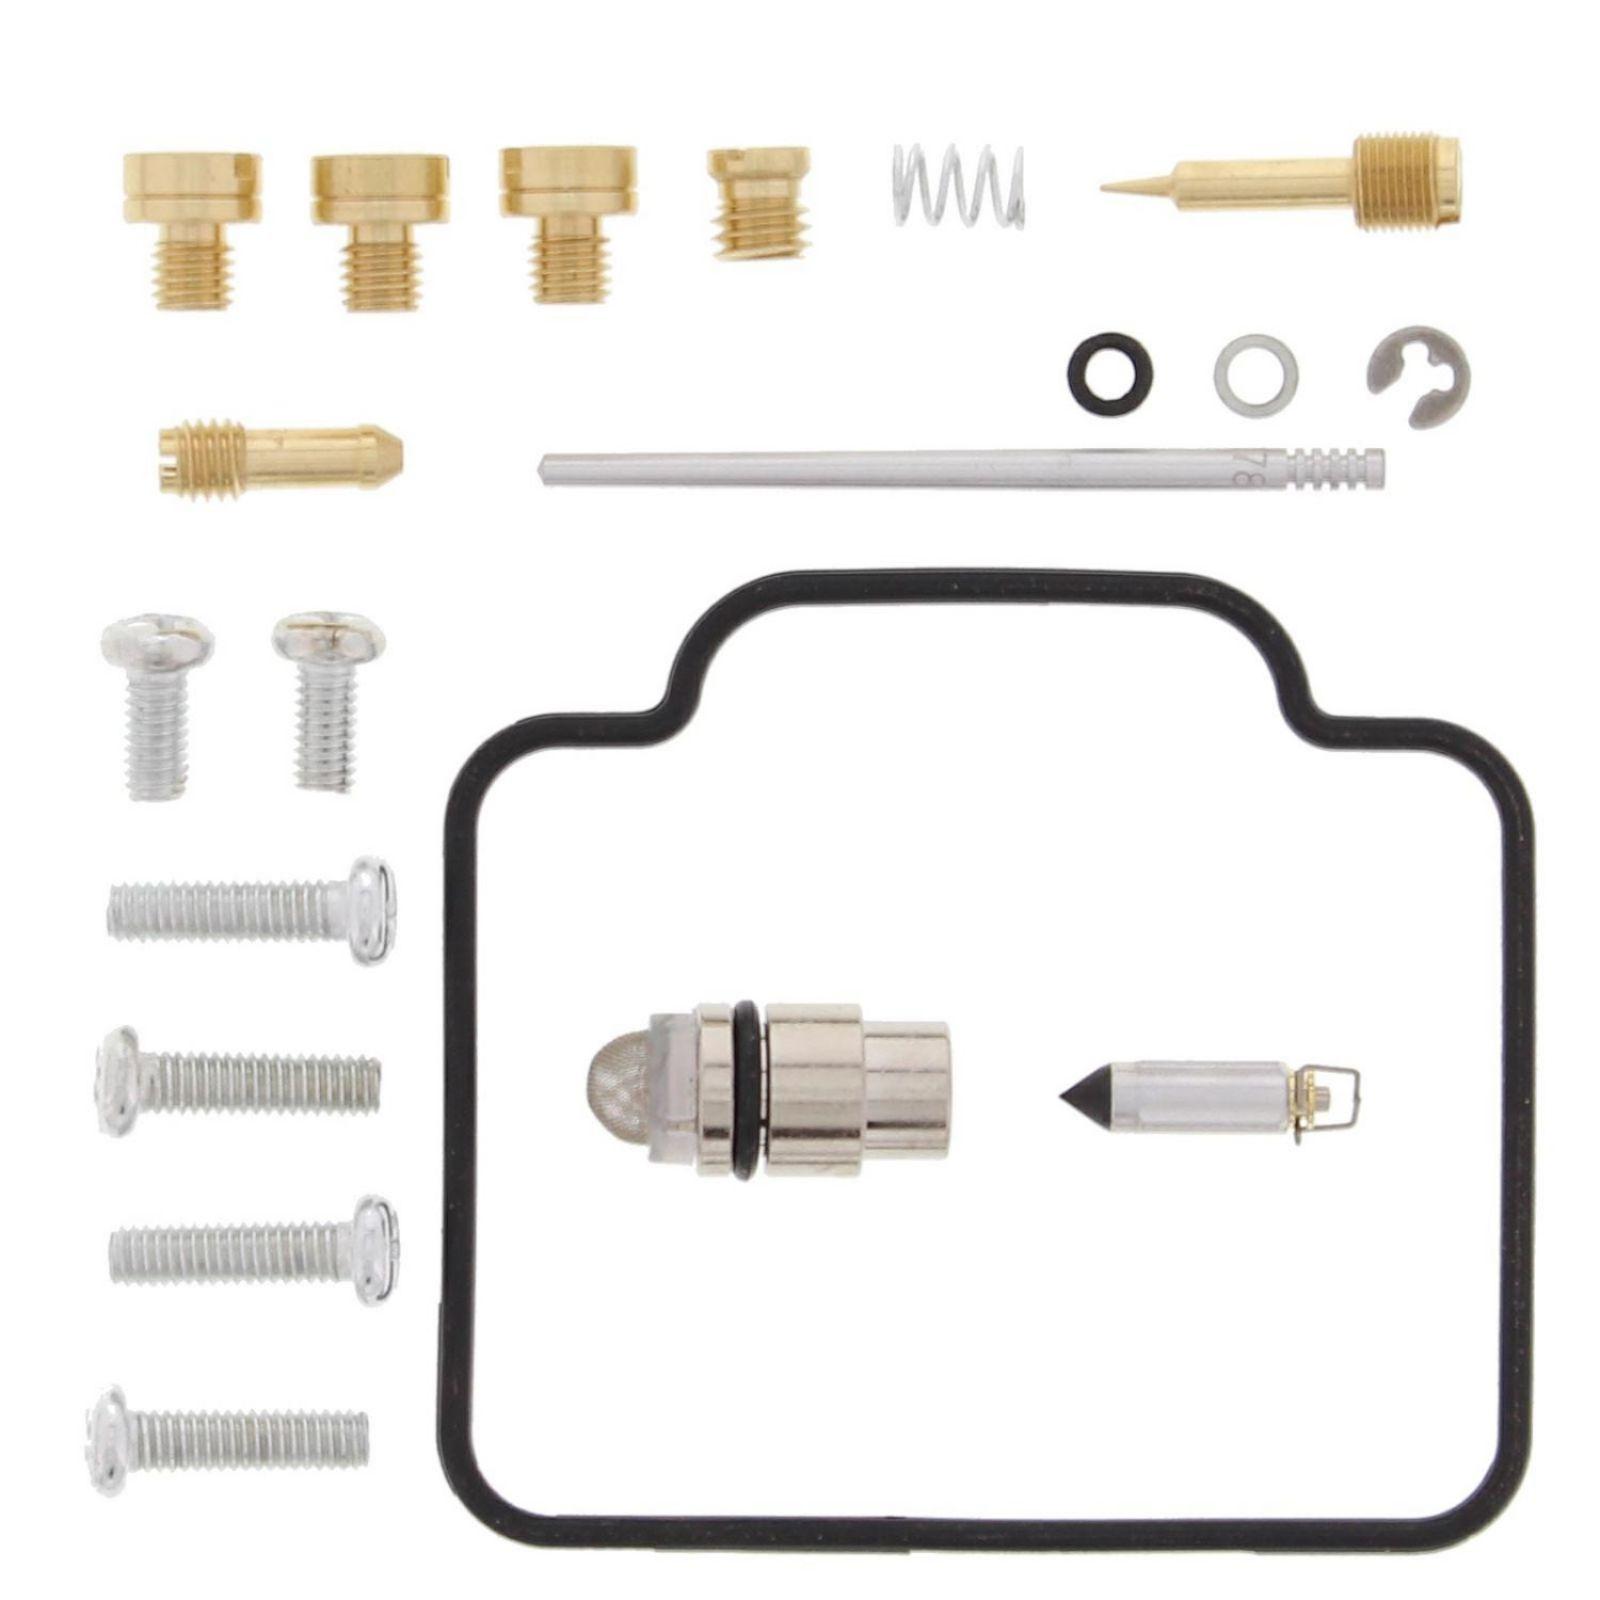 WRP Carb Repair Kits - WRP261016 image